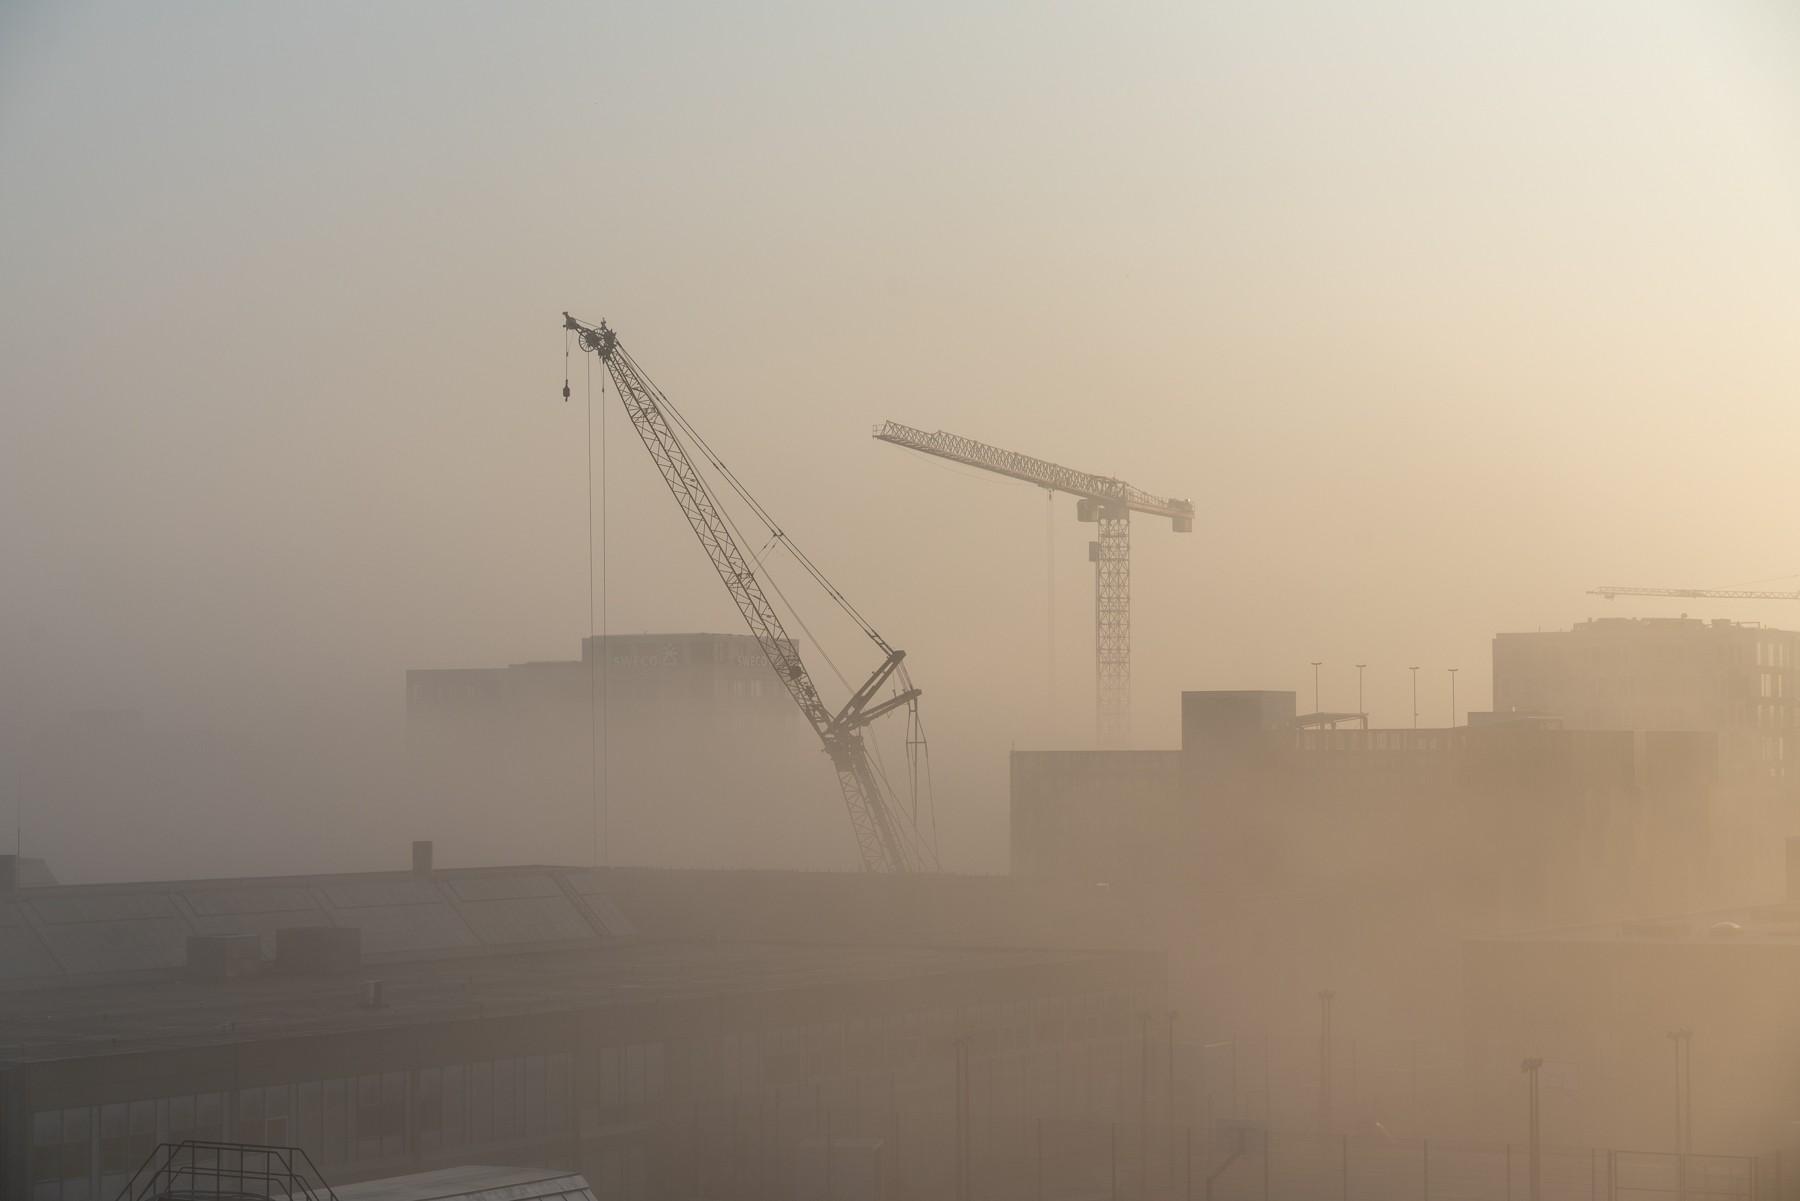 Ørestad indhyllet i tåge